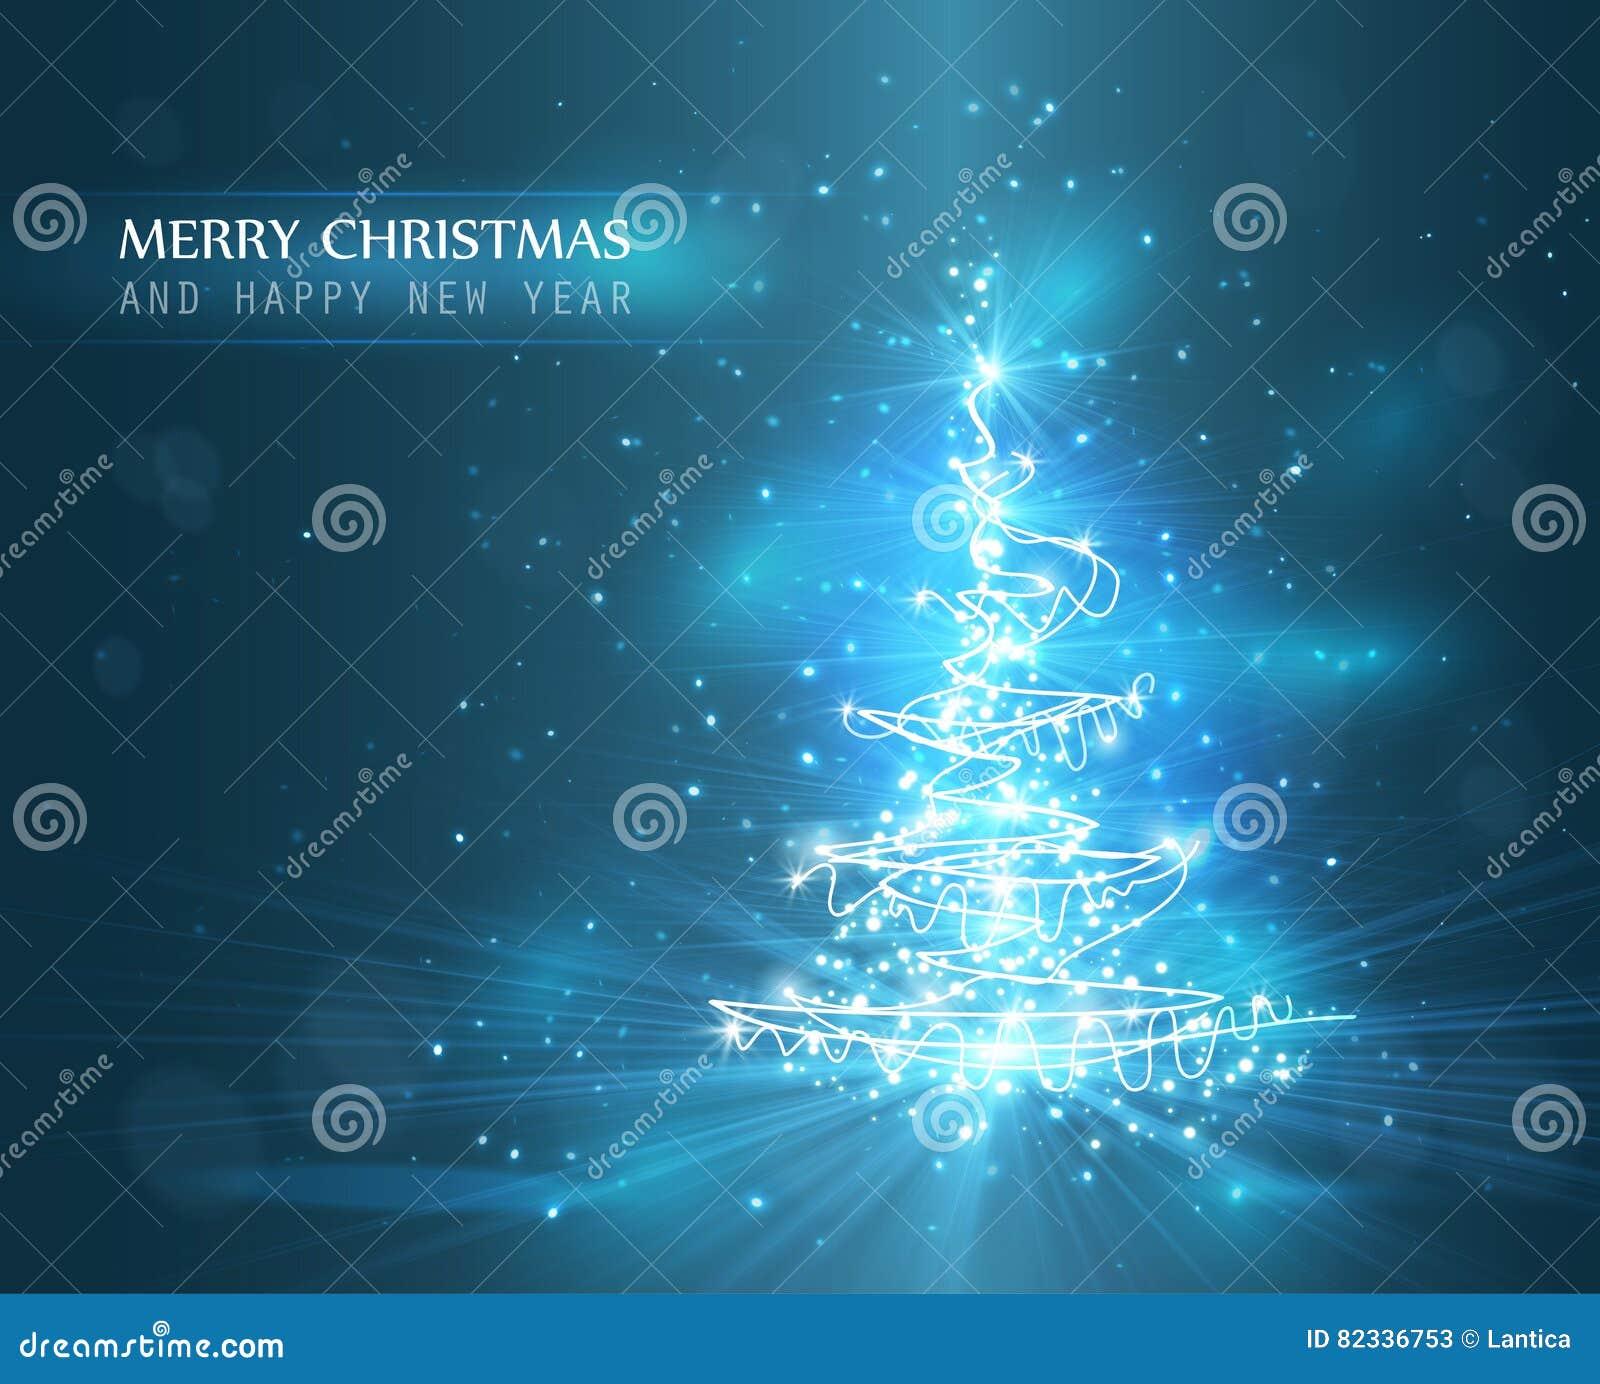 De kerstboom met defocused lichten Achtergrond voor een uitnodigingskaart of een gelukwens